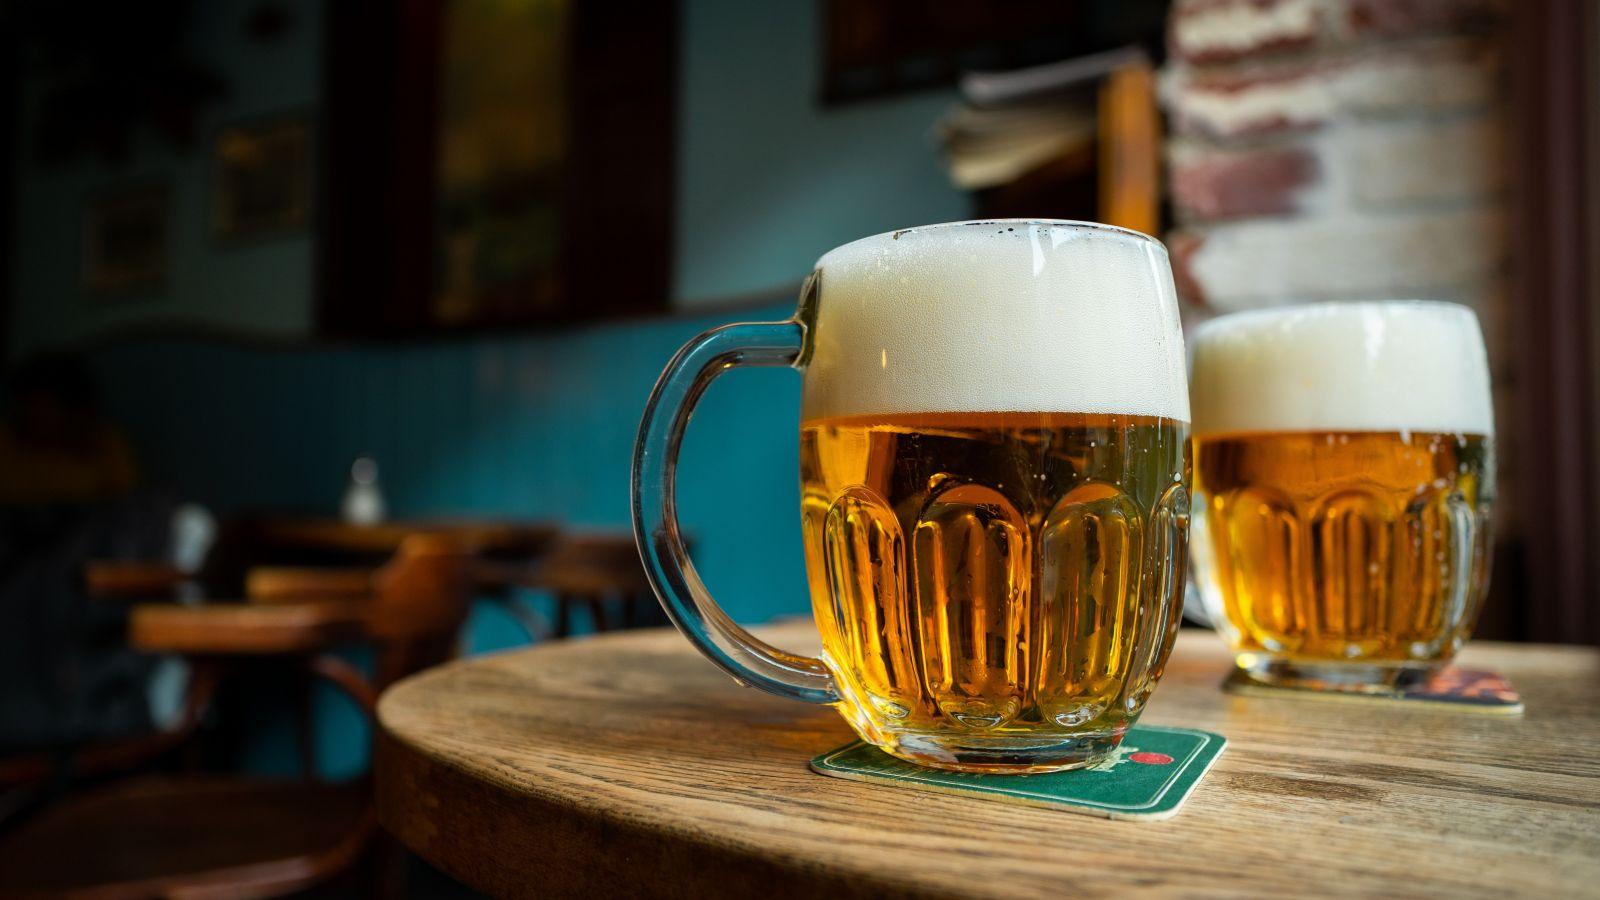 Vedci zistili, že niektoré silnejšie pivá sú pre človeka zdravé, a to vďaka črevným baktériám